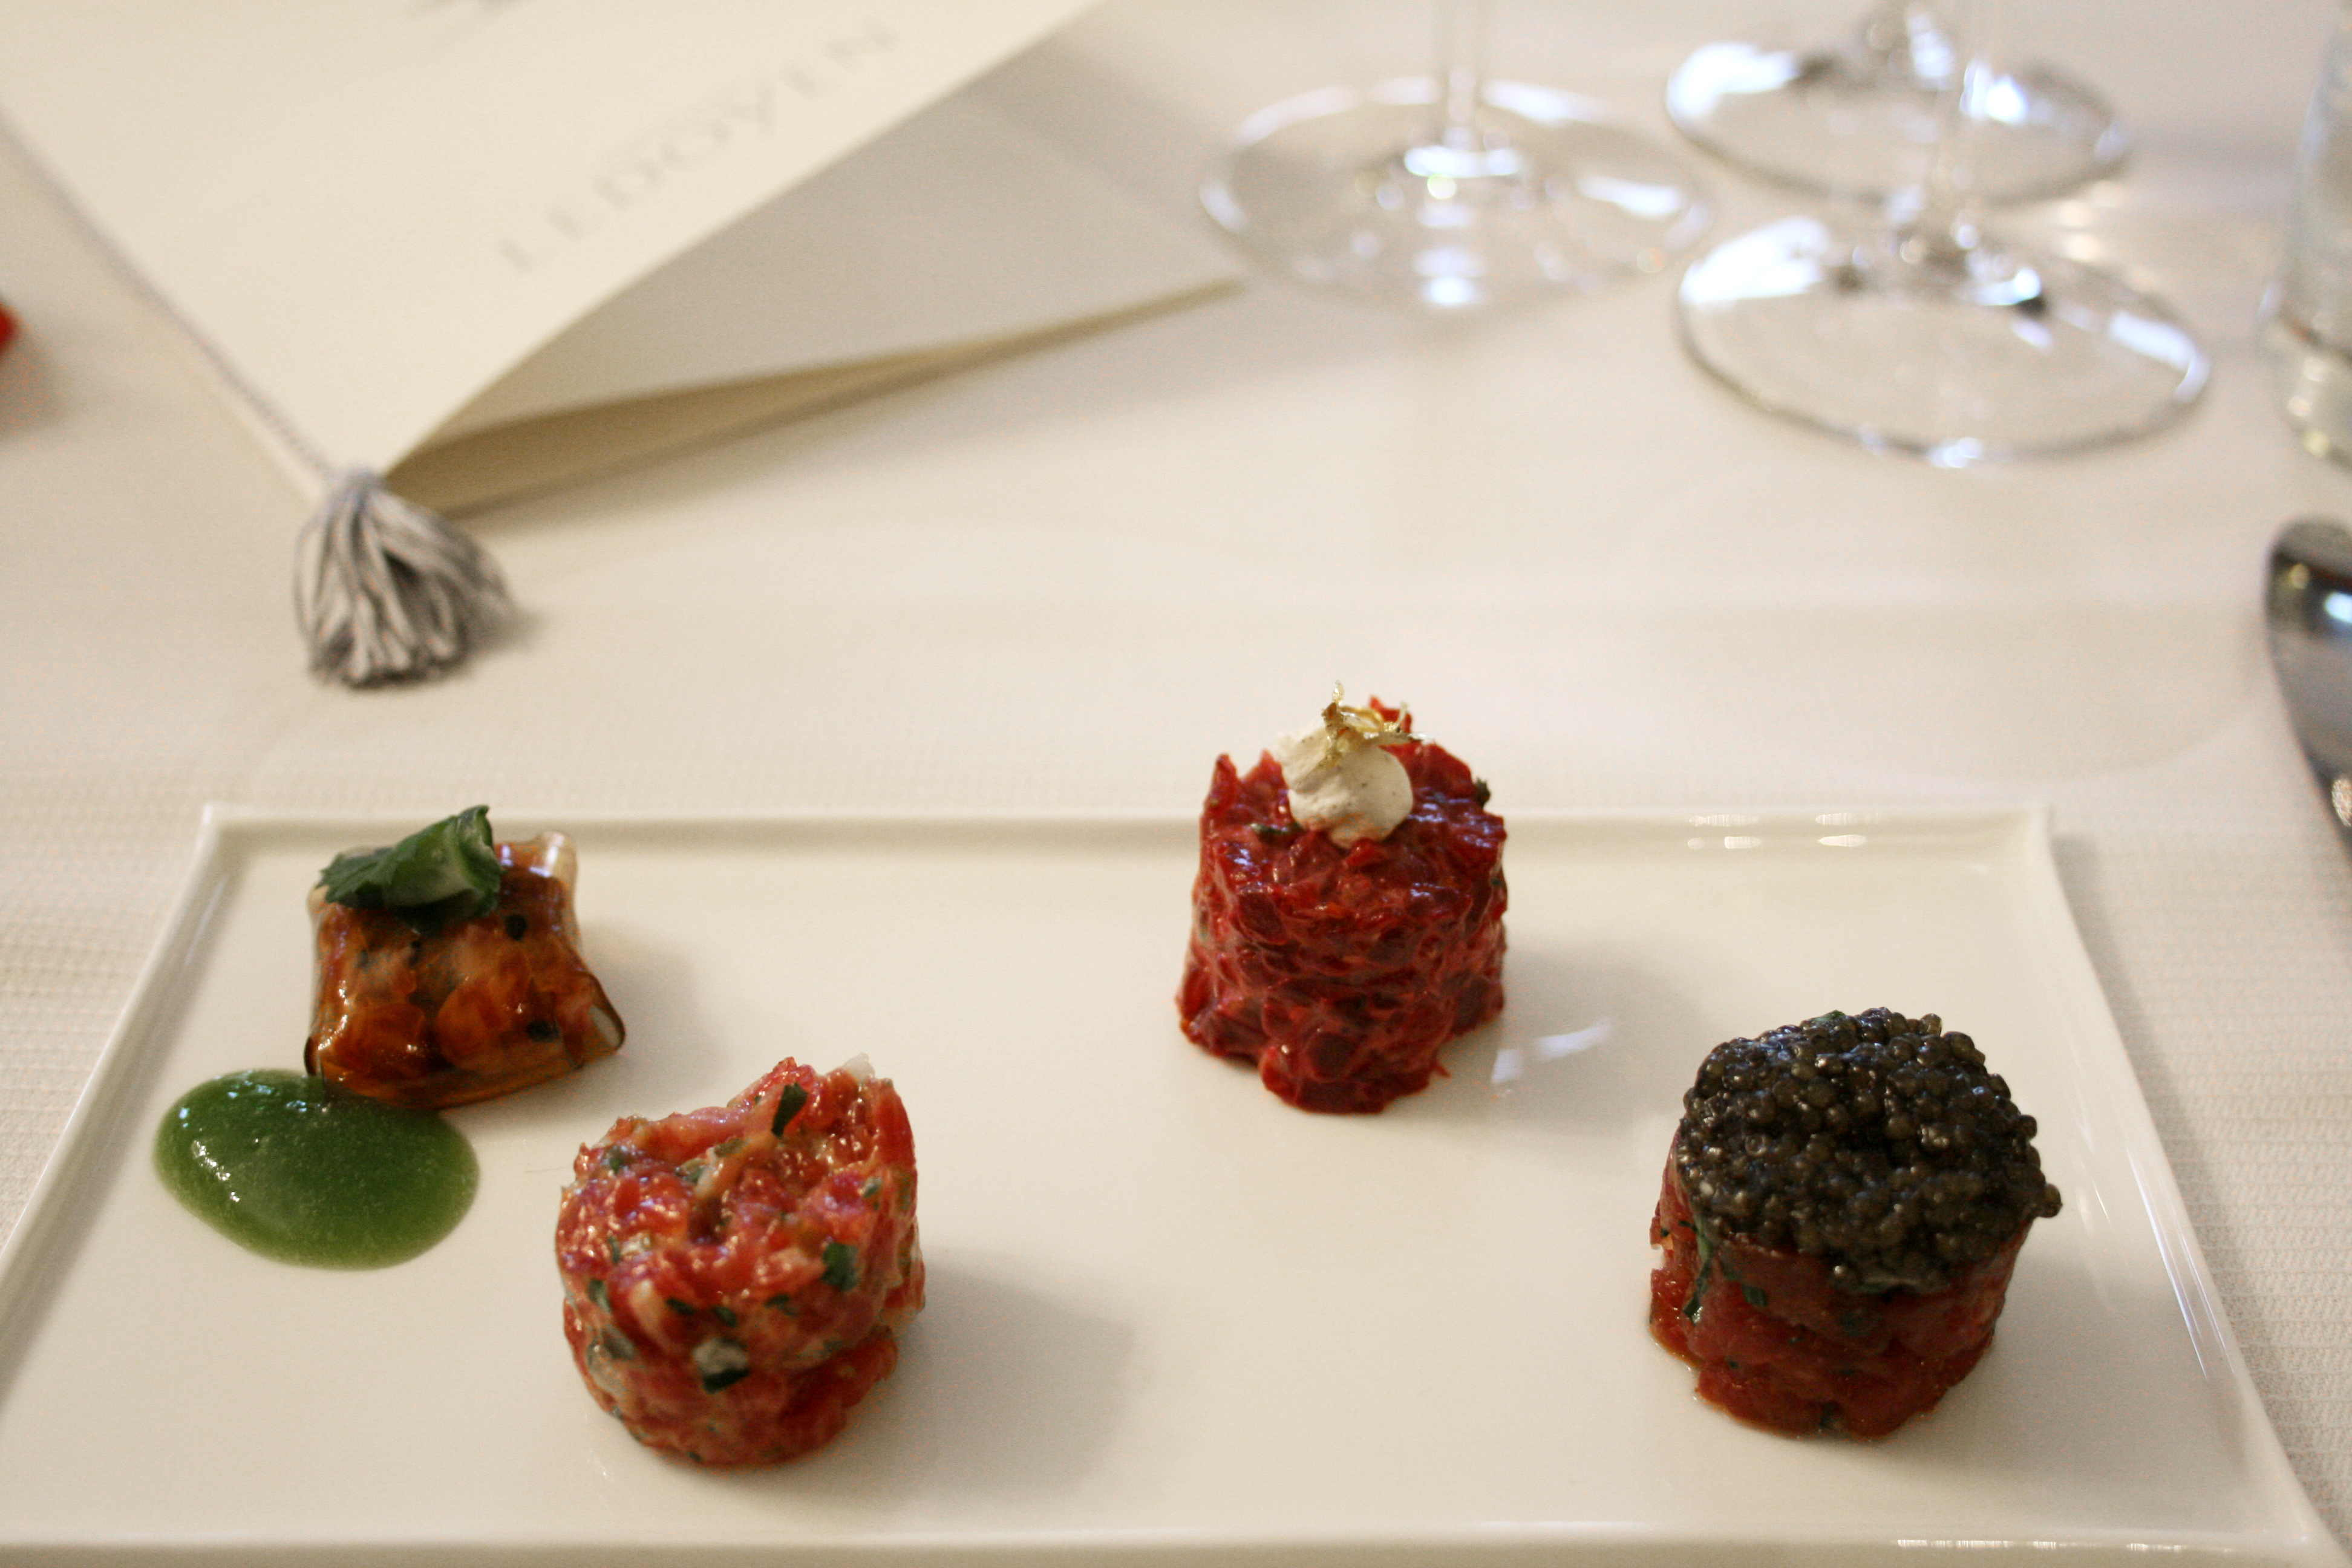 Tartare de boeuf en coussinet de ponzu - Tartare de boeuf à la betterave - Tartare de boeuf classique - Tartare de boeuf de Galice au caviar